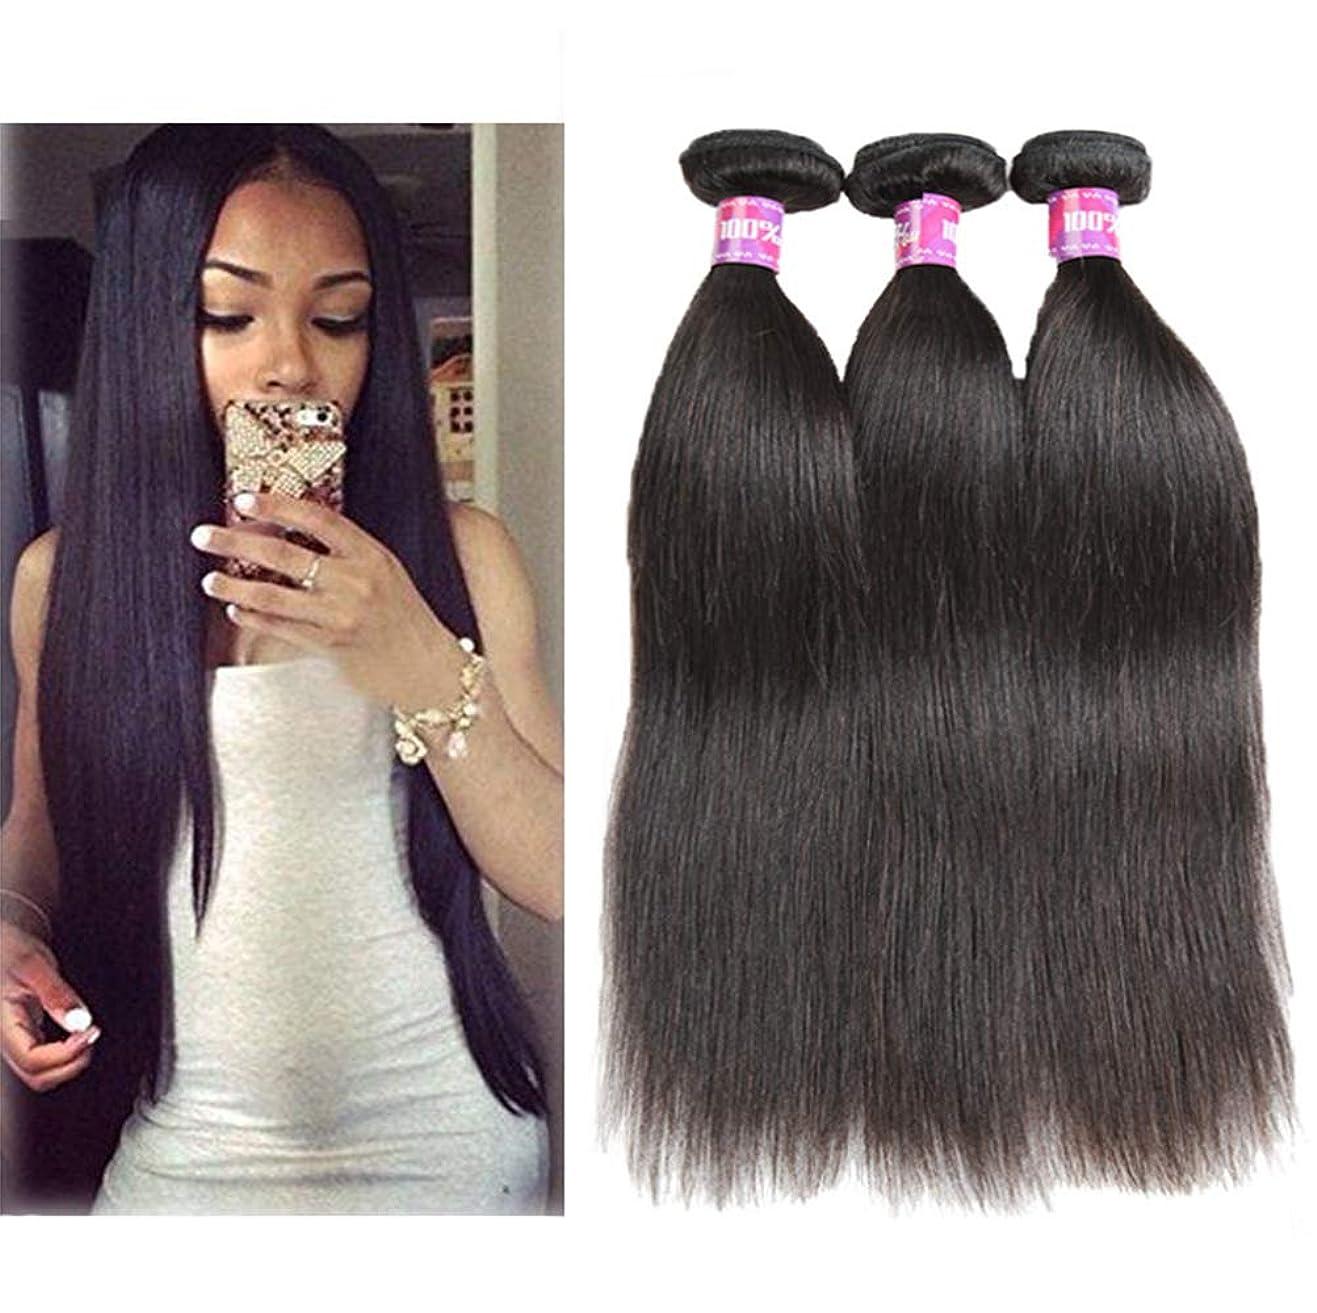 衣服ジョブ父方の女性の髪織りブラジルの髪1バンドルストレートヘア100%未処理のブラジルのバージンストレート人間の髪